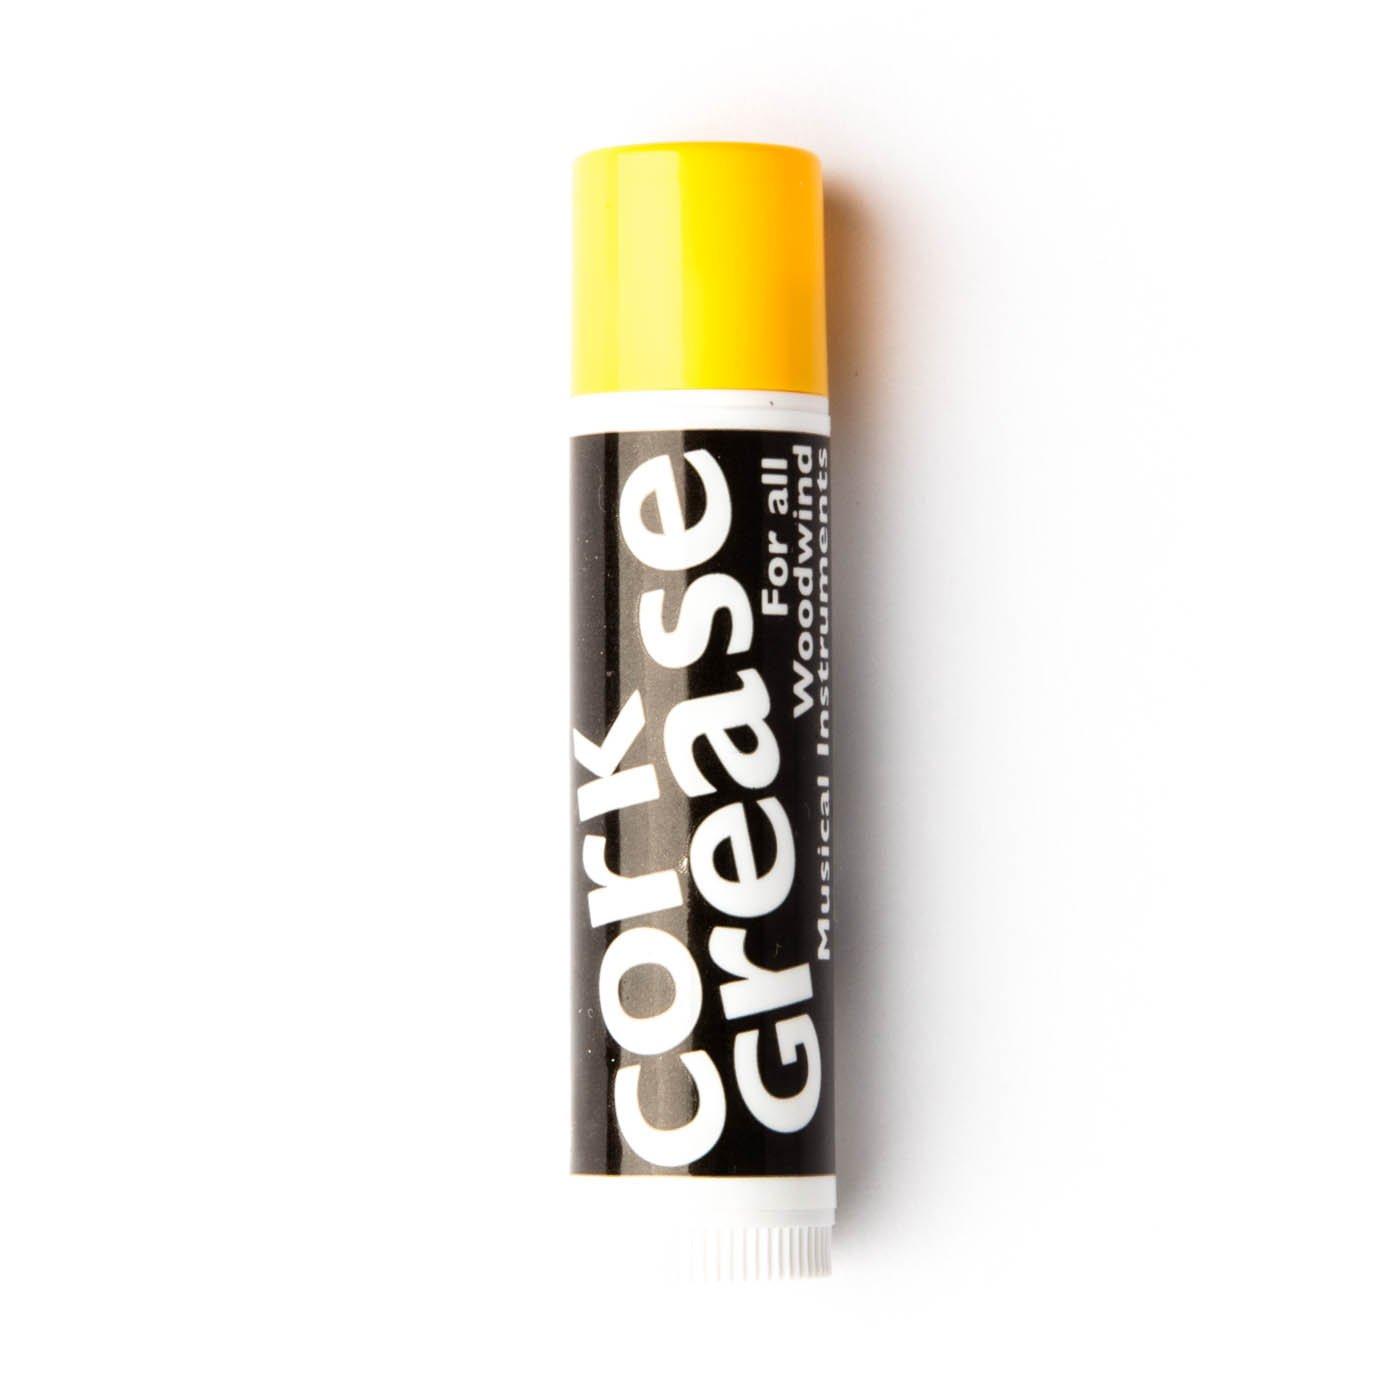 Herco Cork Grease (Tube)